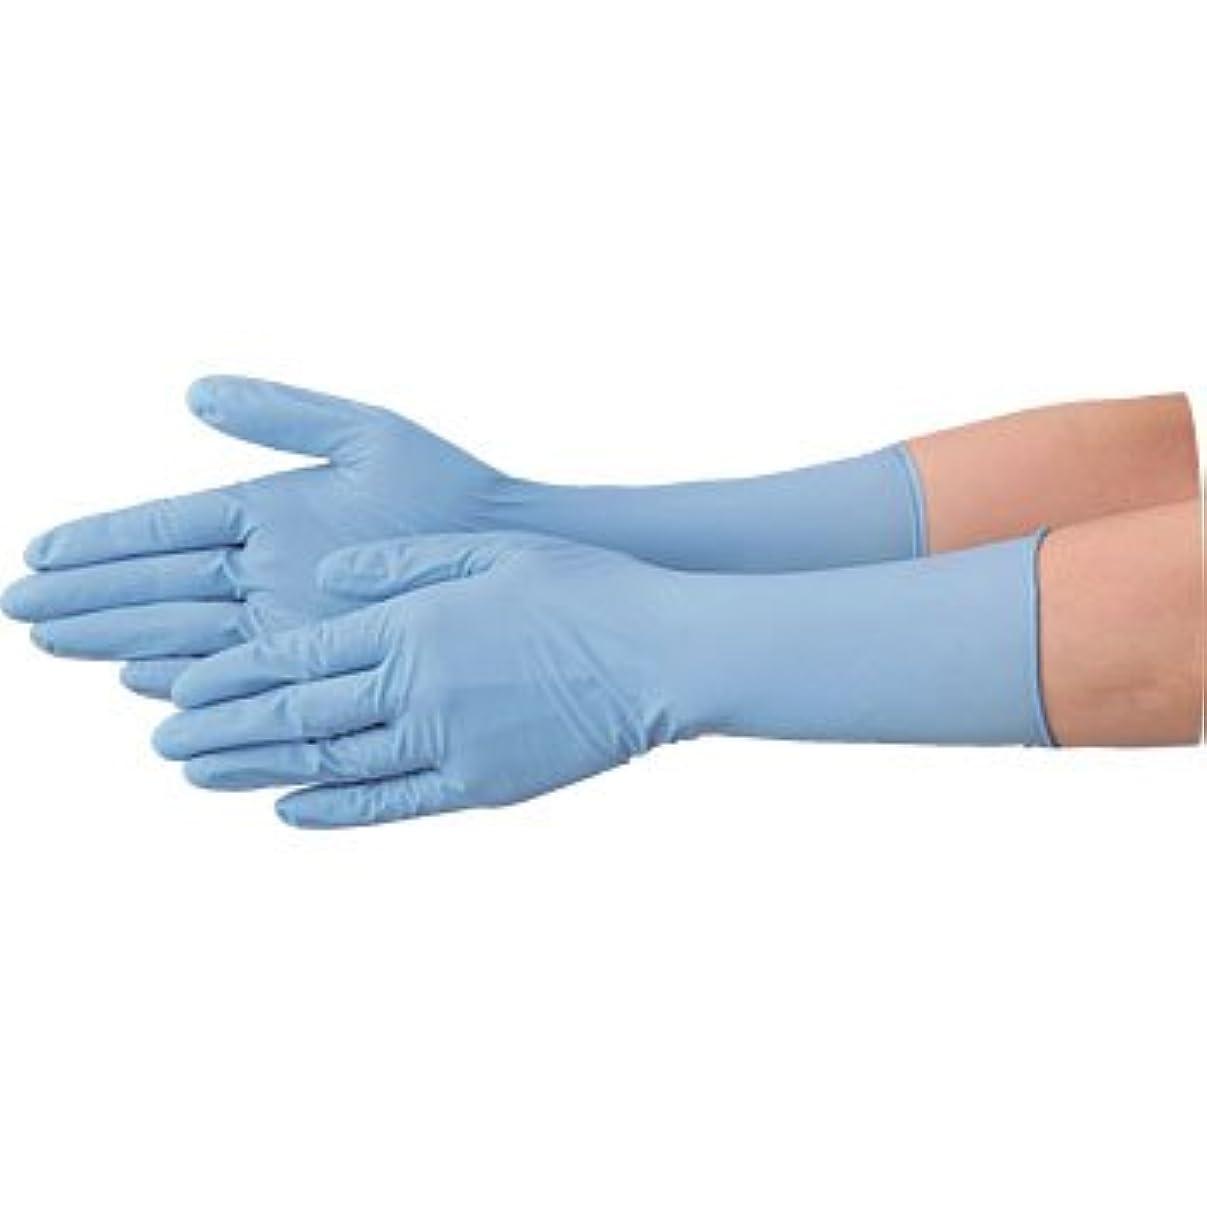 キルスラリーなんでも使い捨て 手袋 エブノ 528 ニトリル ロング手袋 パウダーフリー 全長29cm ブルー Sサイズ 2ケース(100枚×40箱)